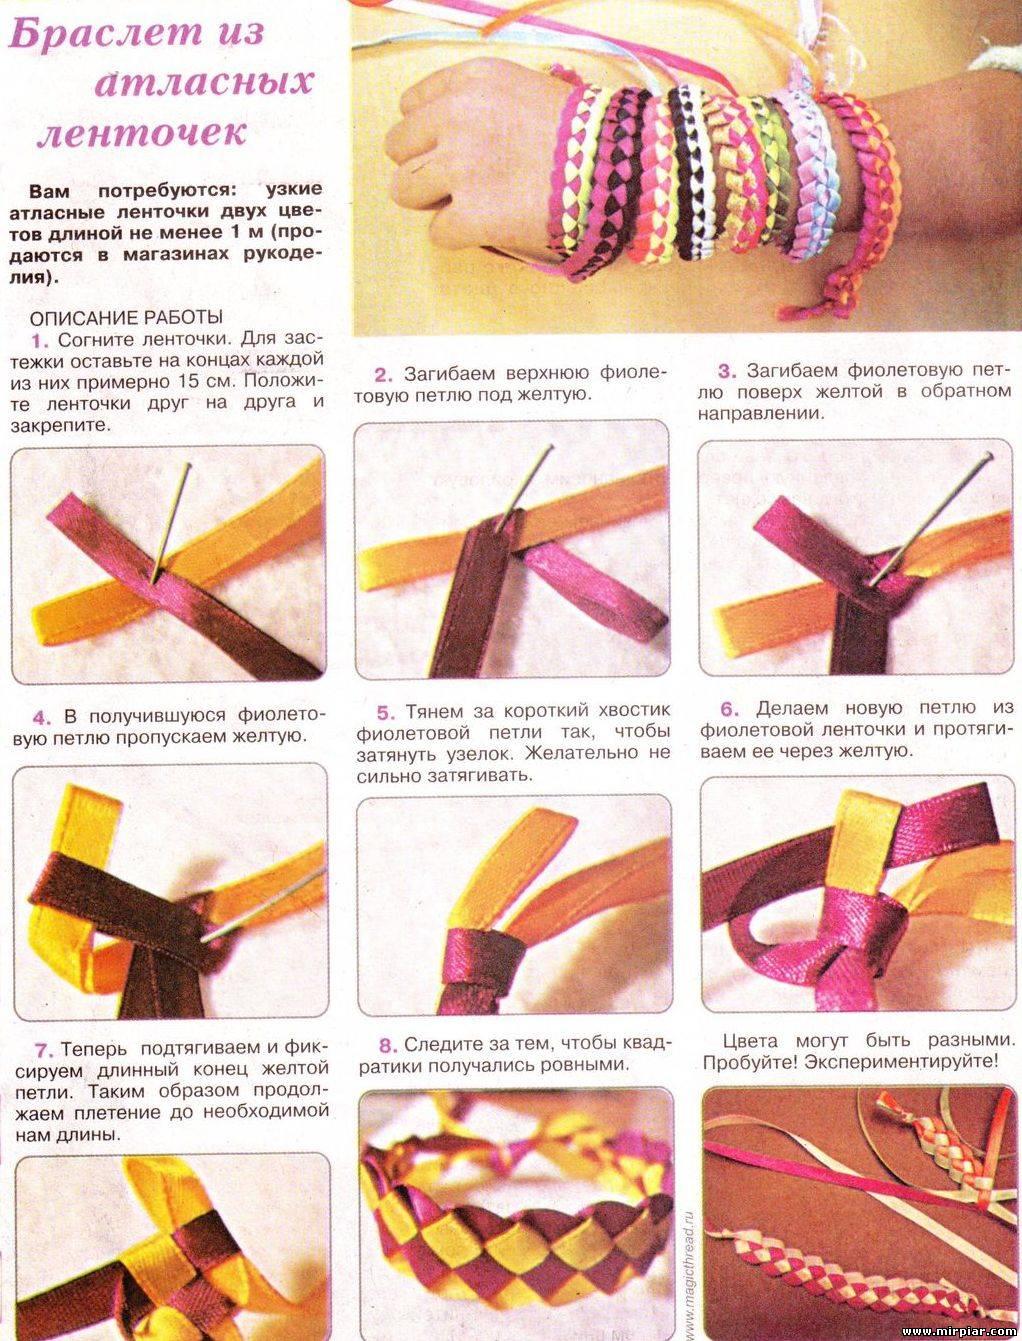 Плетём браслеты из ленточек и бусин своими руками - схемы, пошаговые описания хода работы и видео. плетение из ленточек: схемы плетения в различных техниках плетение с атласной лентой